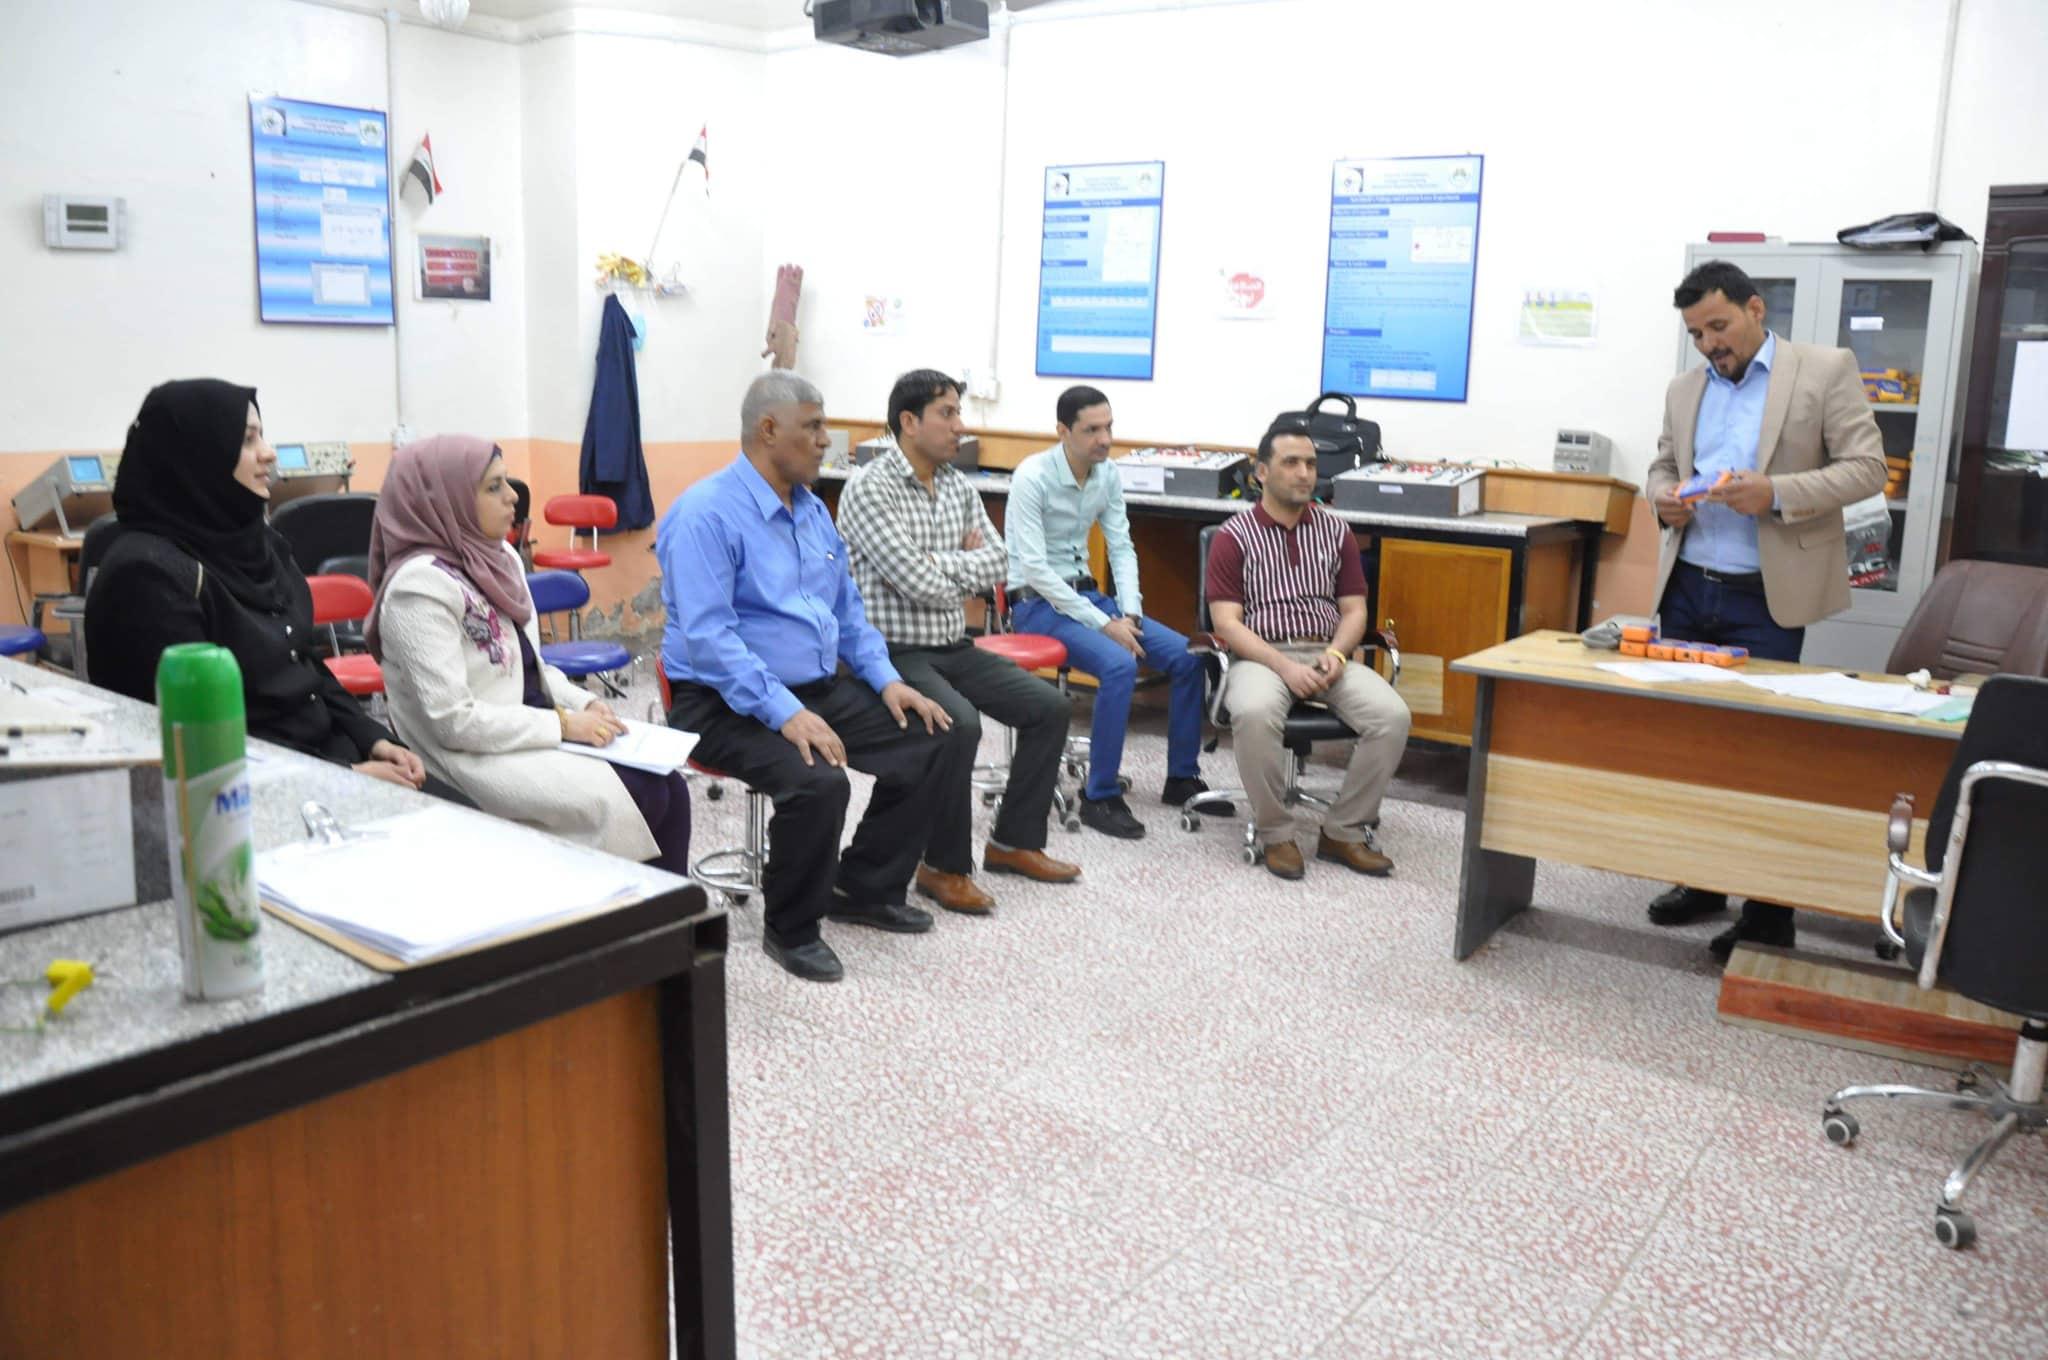 كلية الهندسة تقيم دورة علمية حول اجهزة القياس الكهربائية